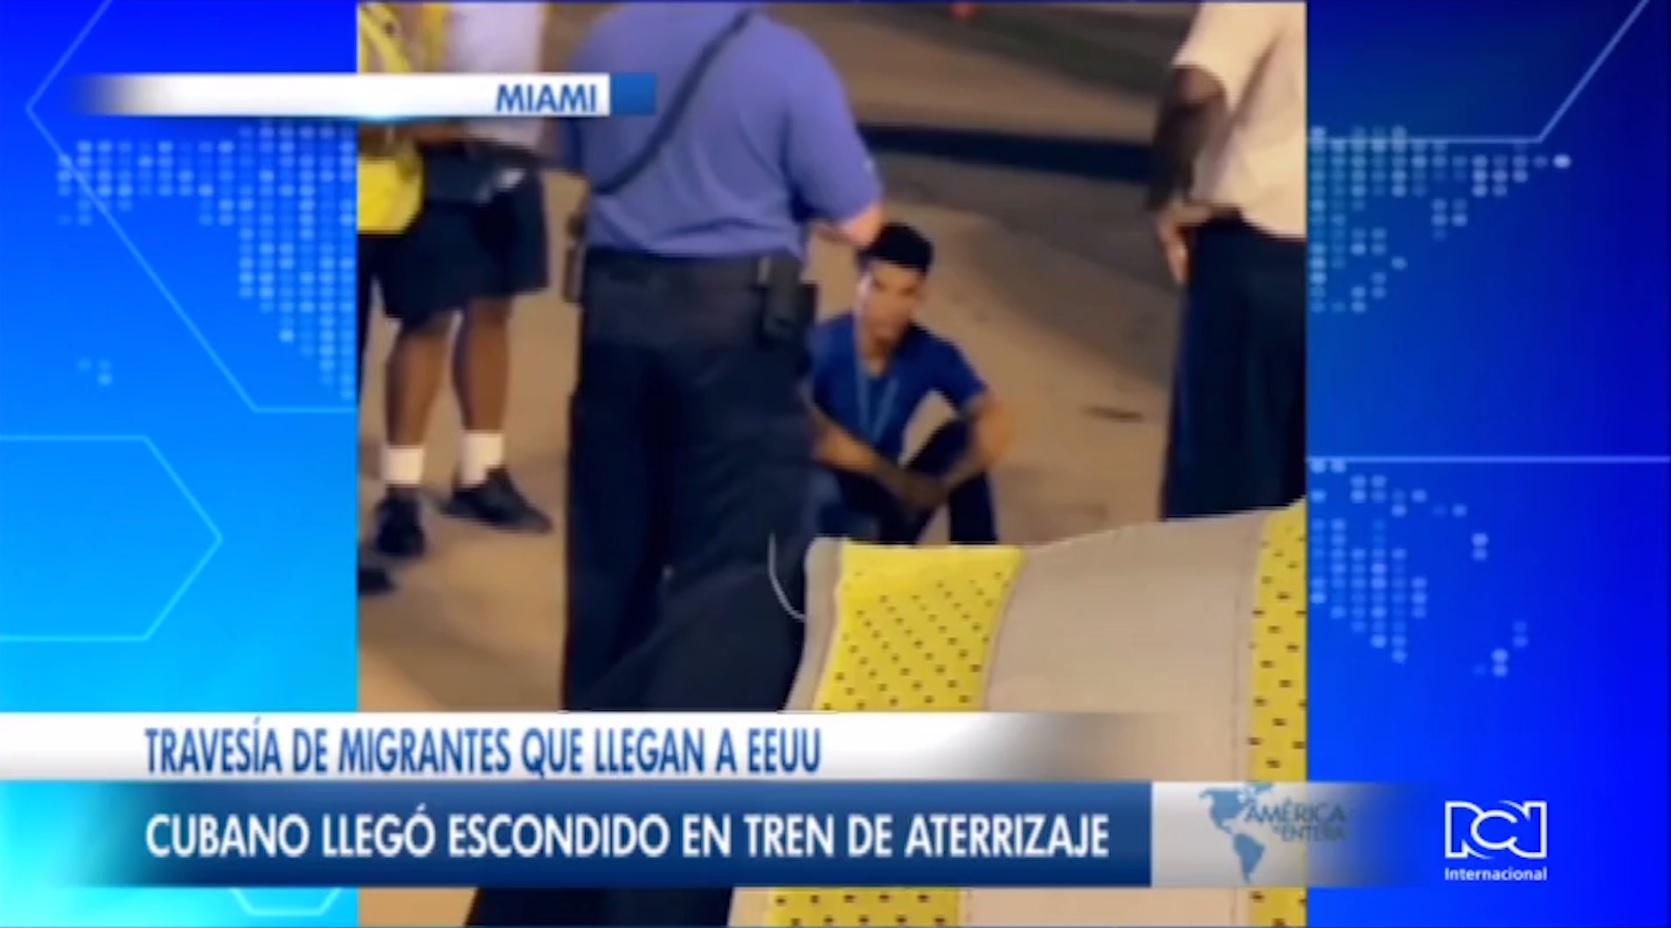 Polizón cubano llegó a Miami escondido en el tren de aterrizaje de un avión